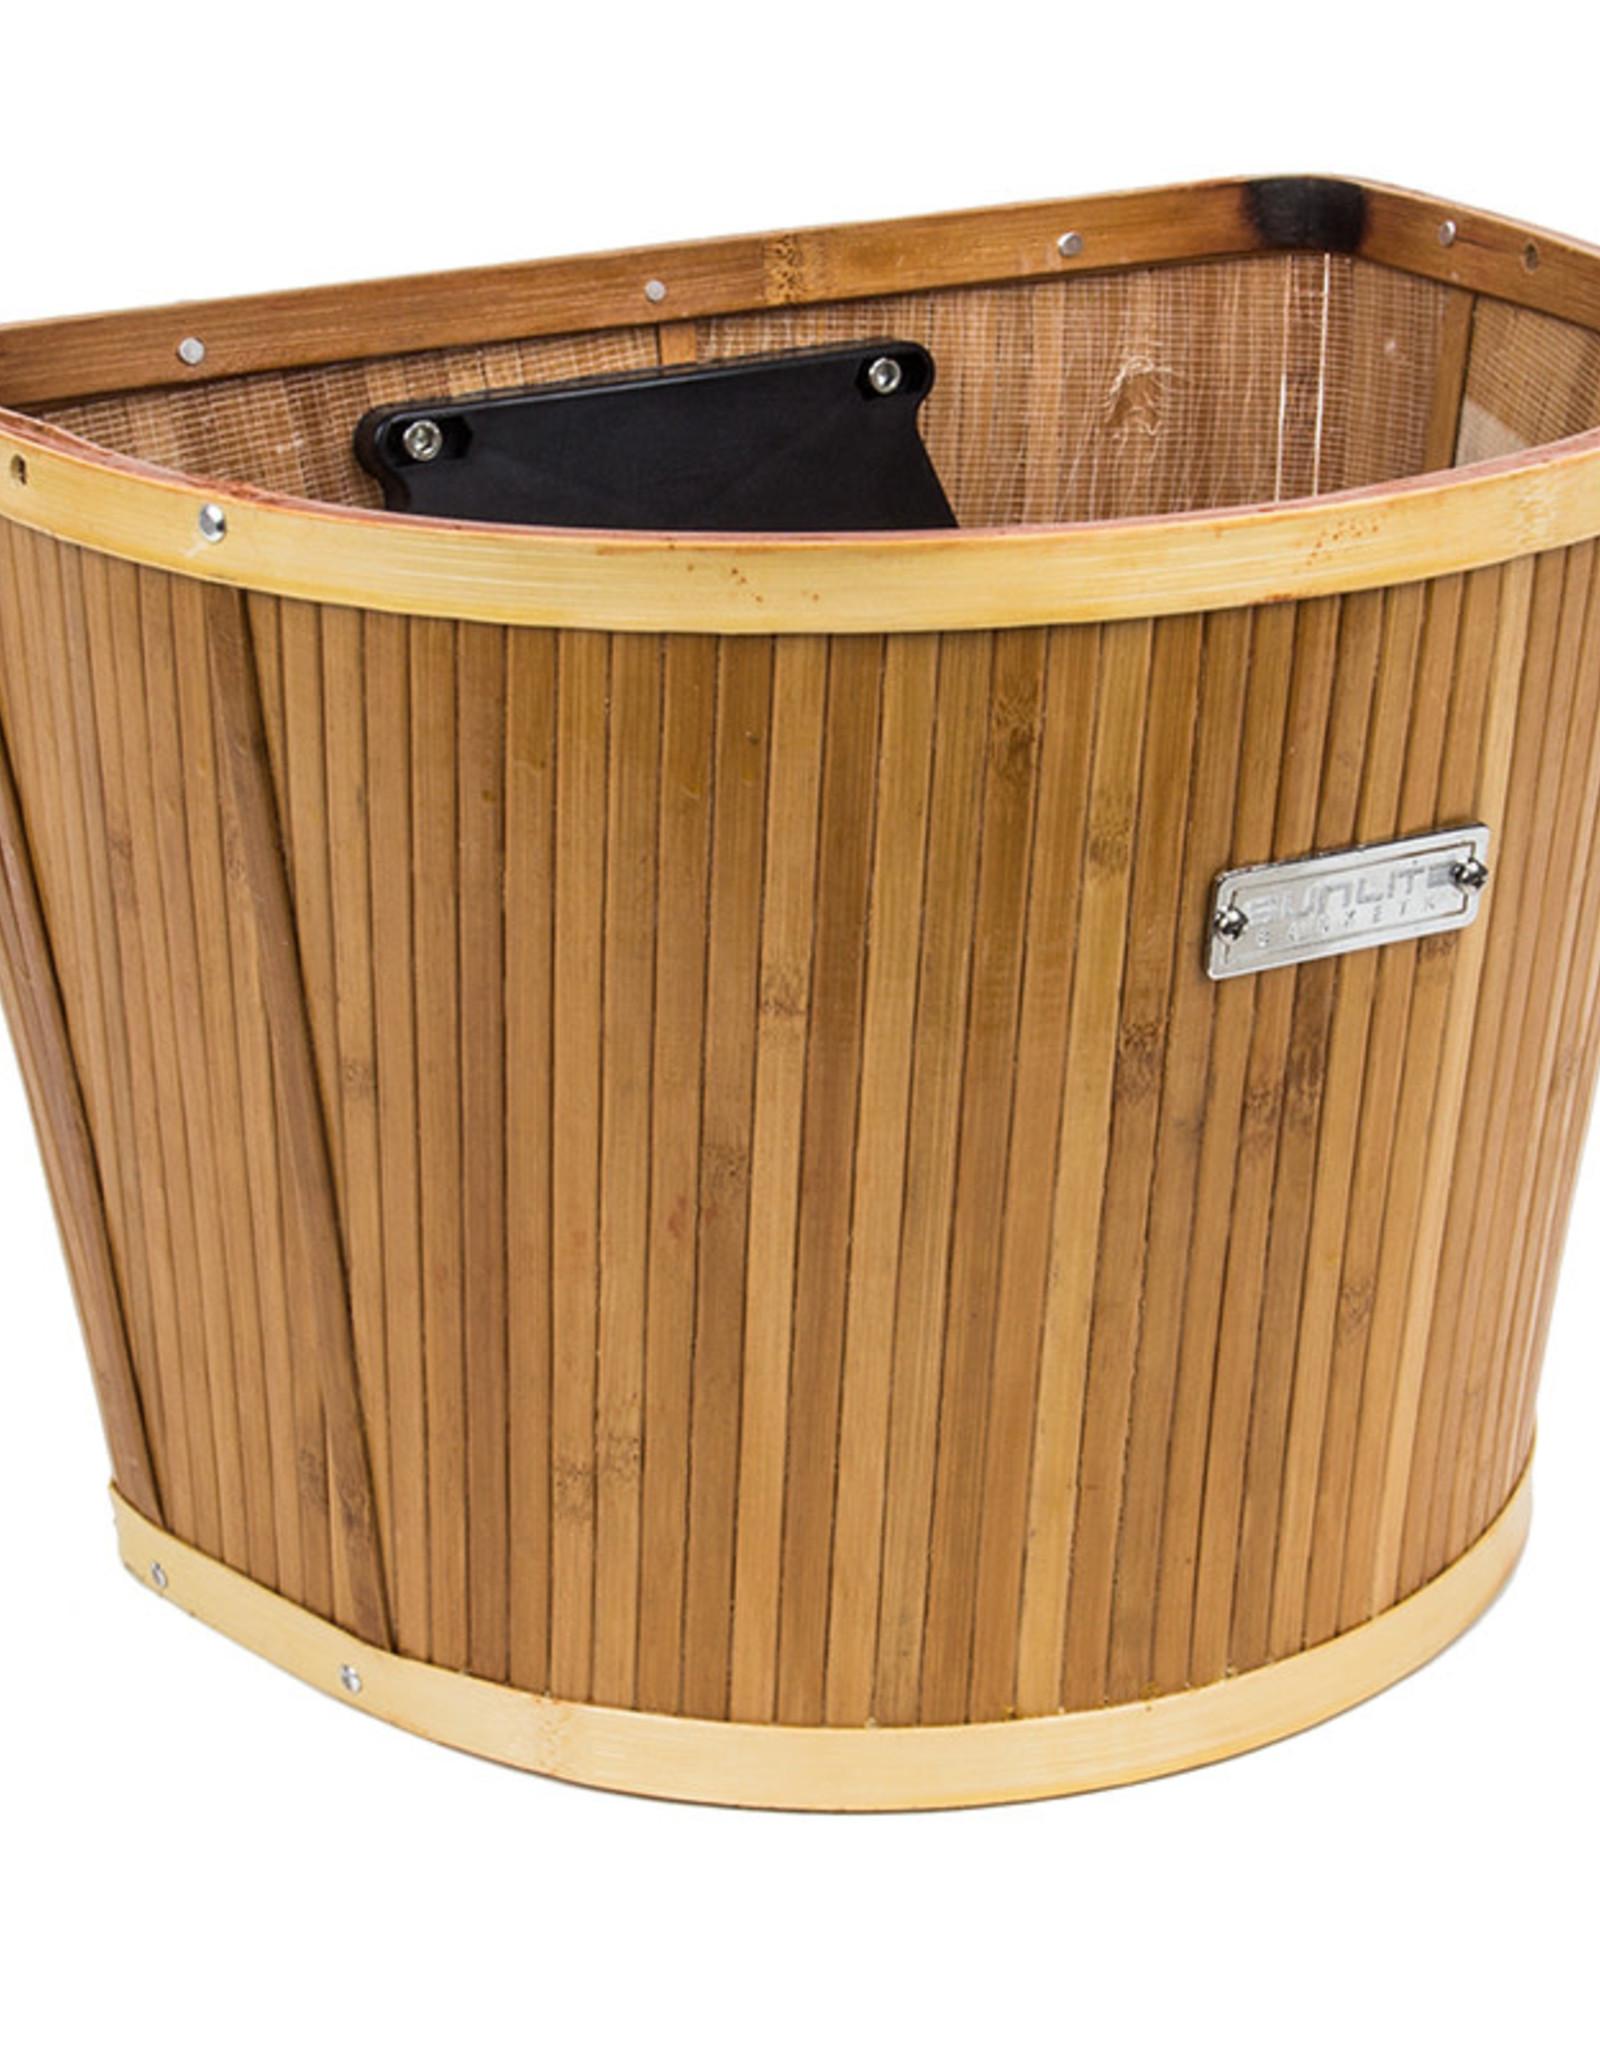 Sunlite Sunlite FT Bamboo Basket